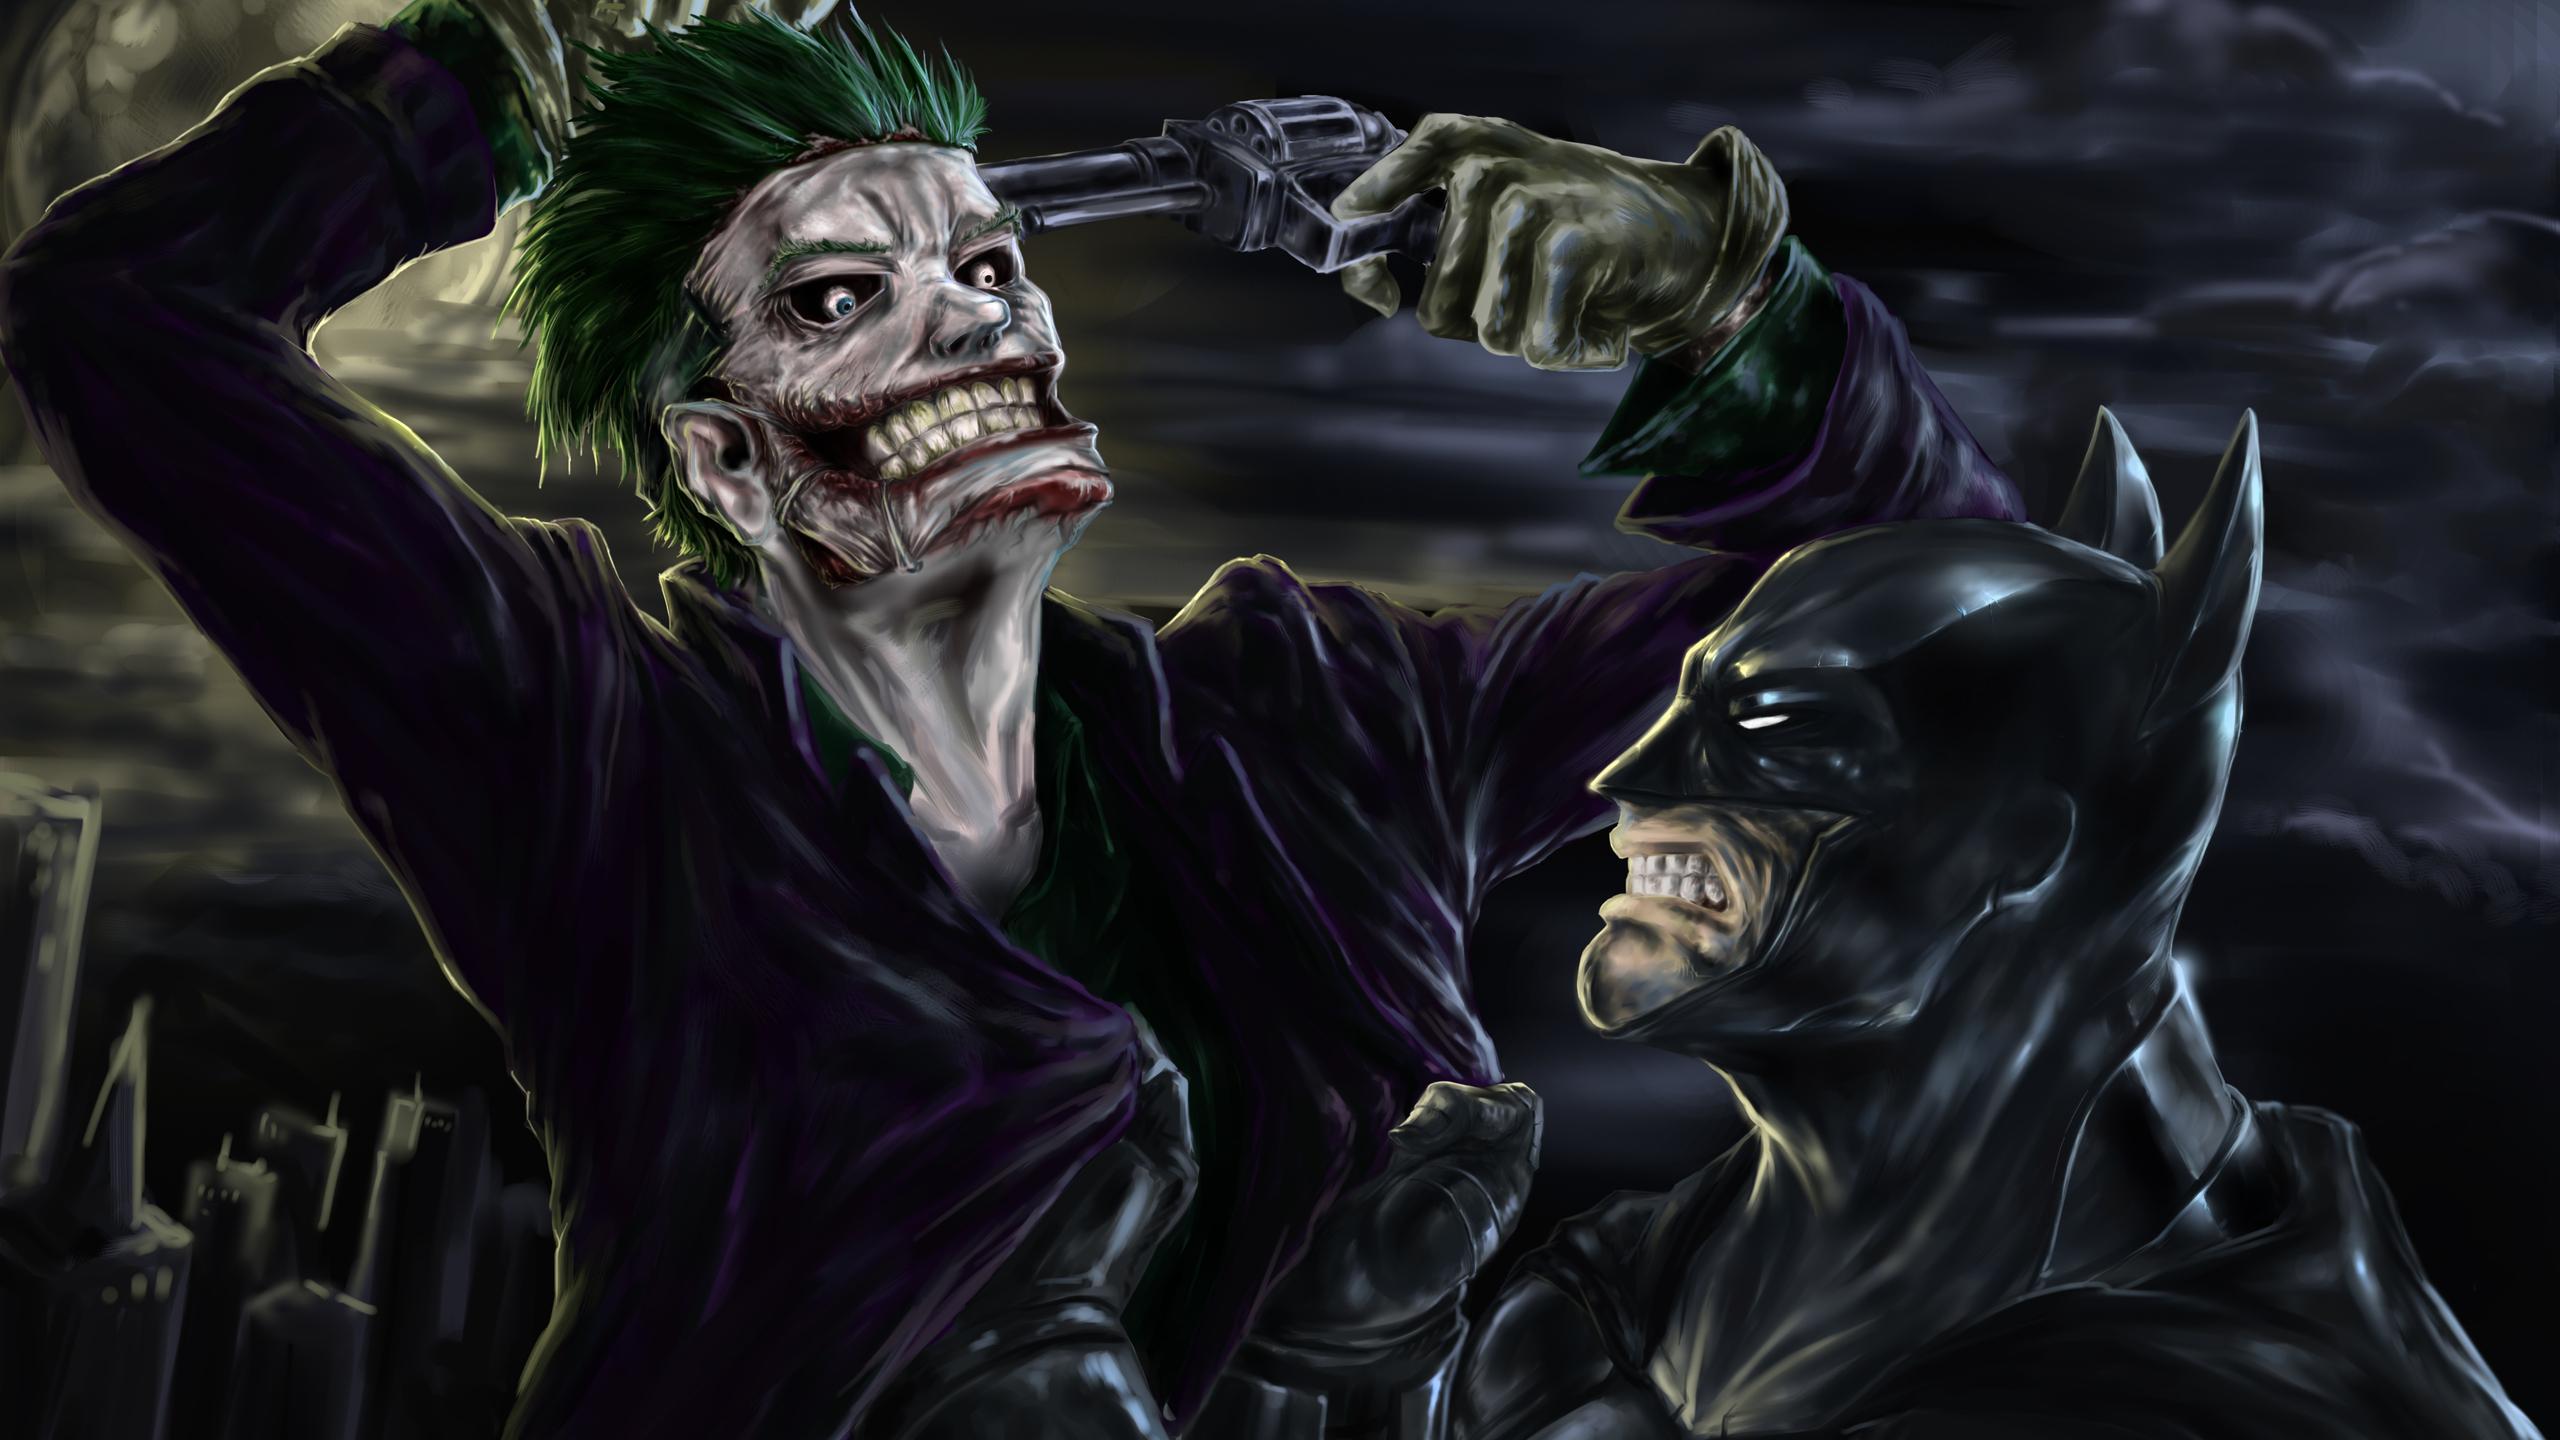 2560x1440 Batman And Joker 4k 1440p Resolution Hd 4k Wallpapers